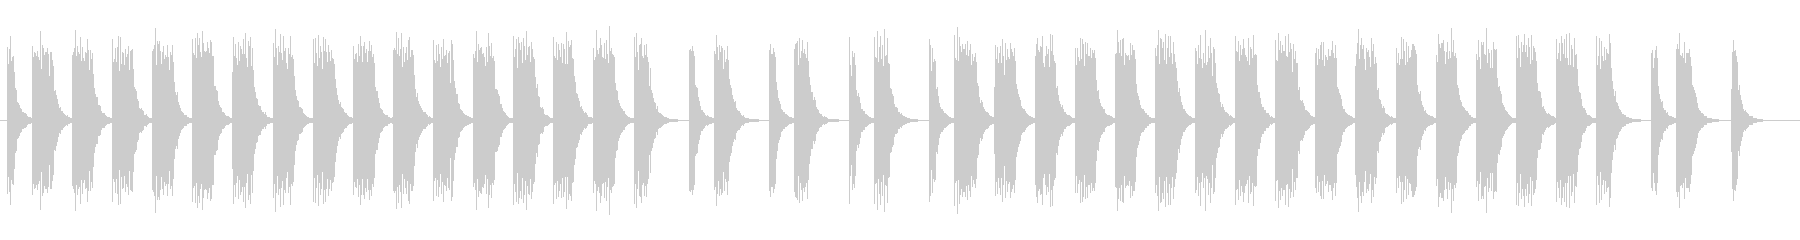 低く神妙な面持ちの曲の未再生の波形